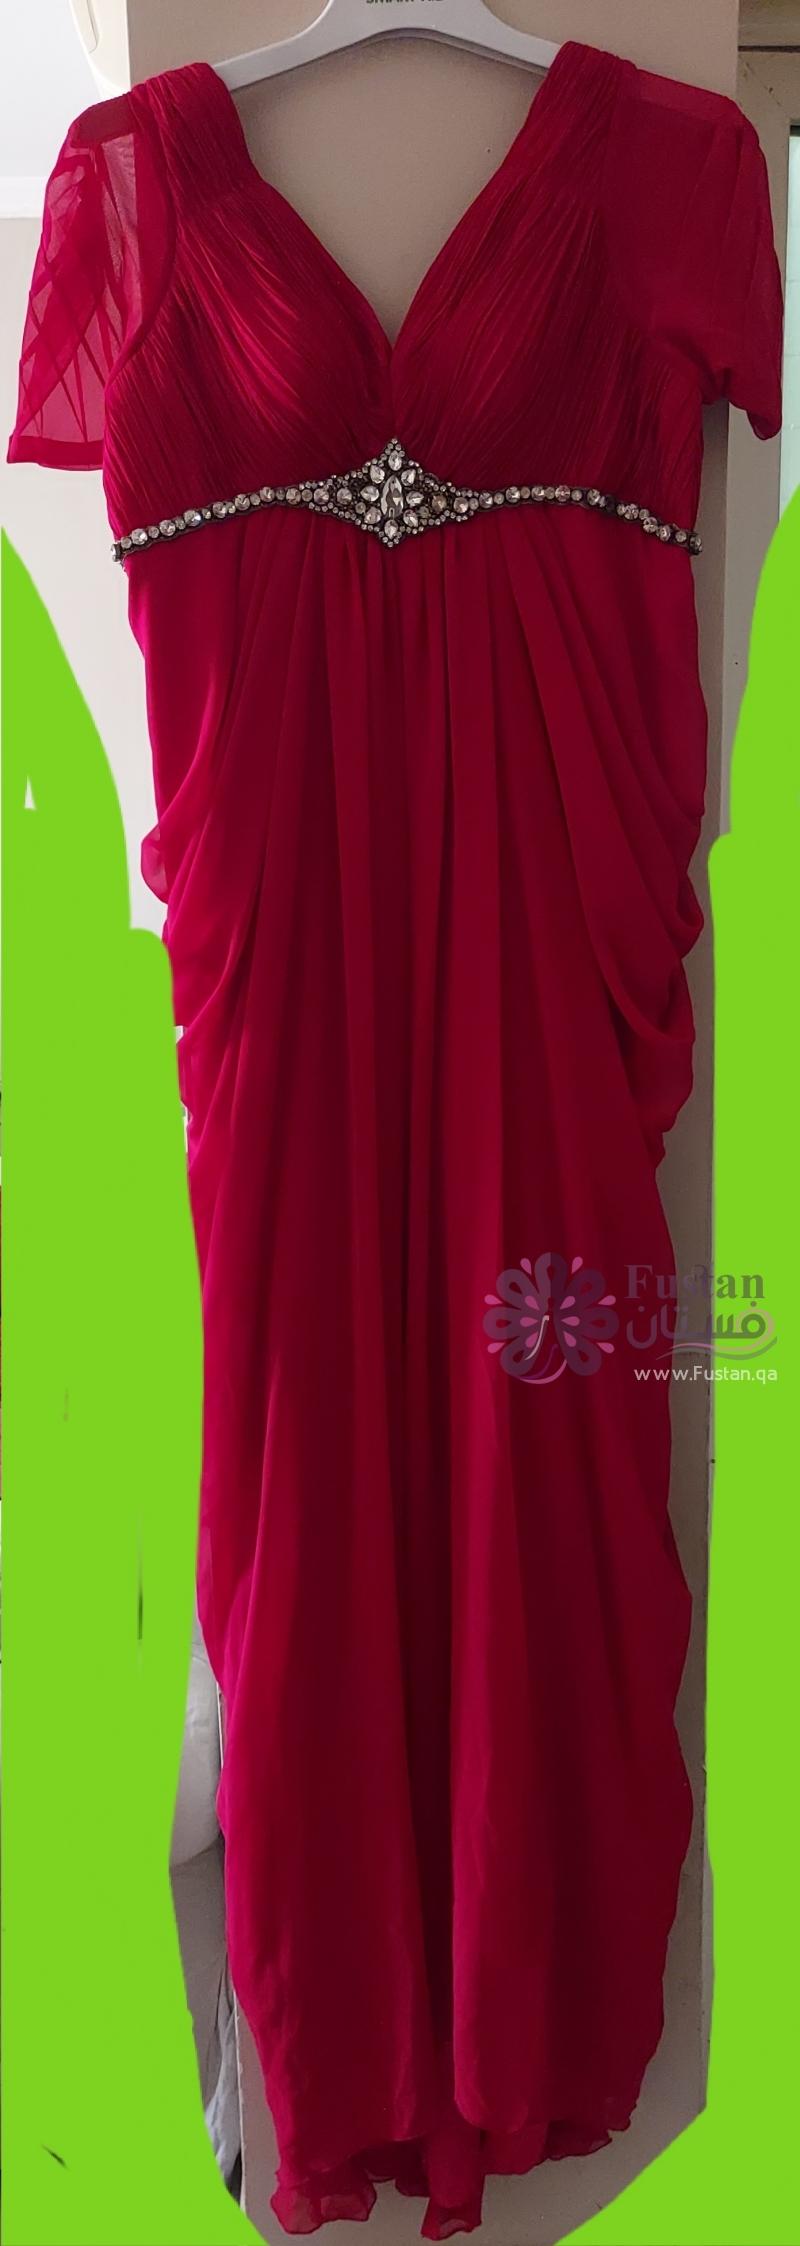 فستان سهرة ماركة QUATRO